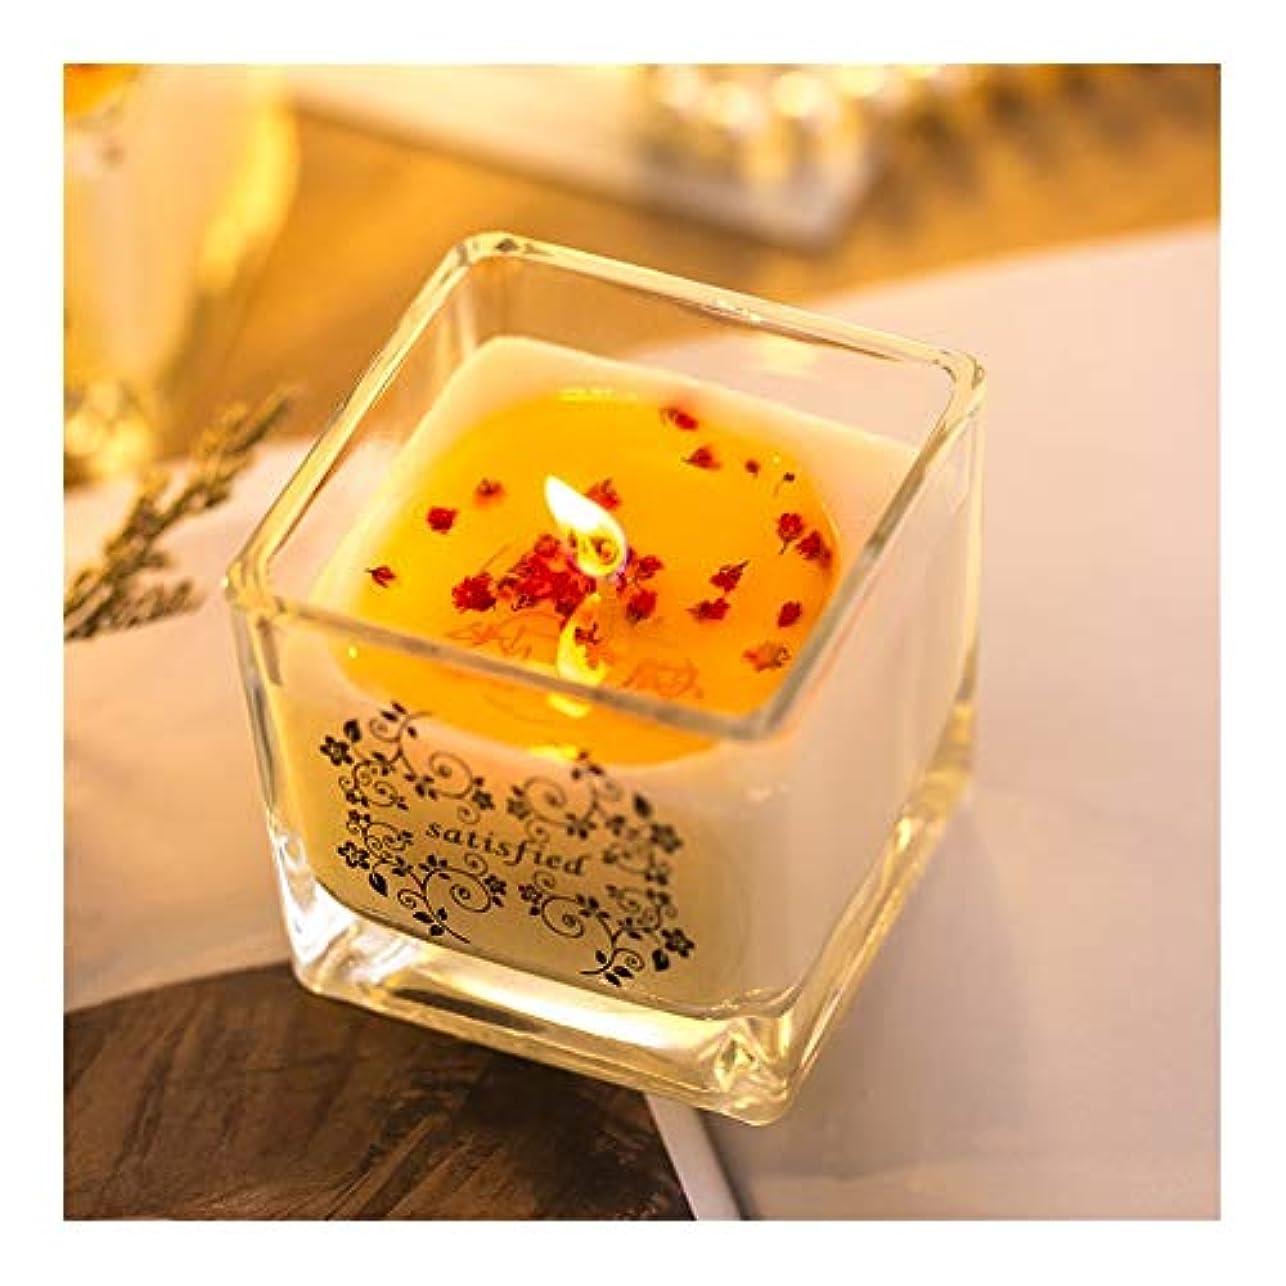 硫黄保安音楽家Guomao 手作りアロマセラピー大豆キャンドルロマンチックな結婚結婚ガラスの花びら輸入無煙エッセンシャルオイルキャンドル卸売 (色 : Lavender)